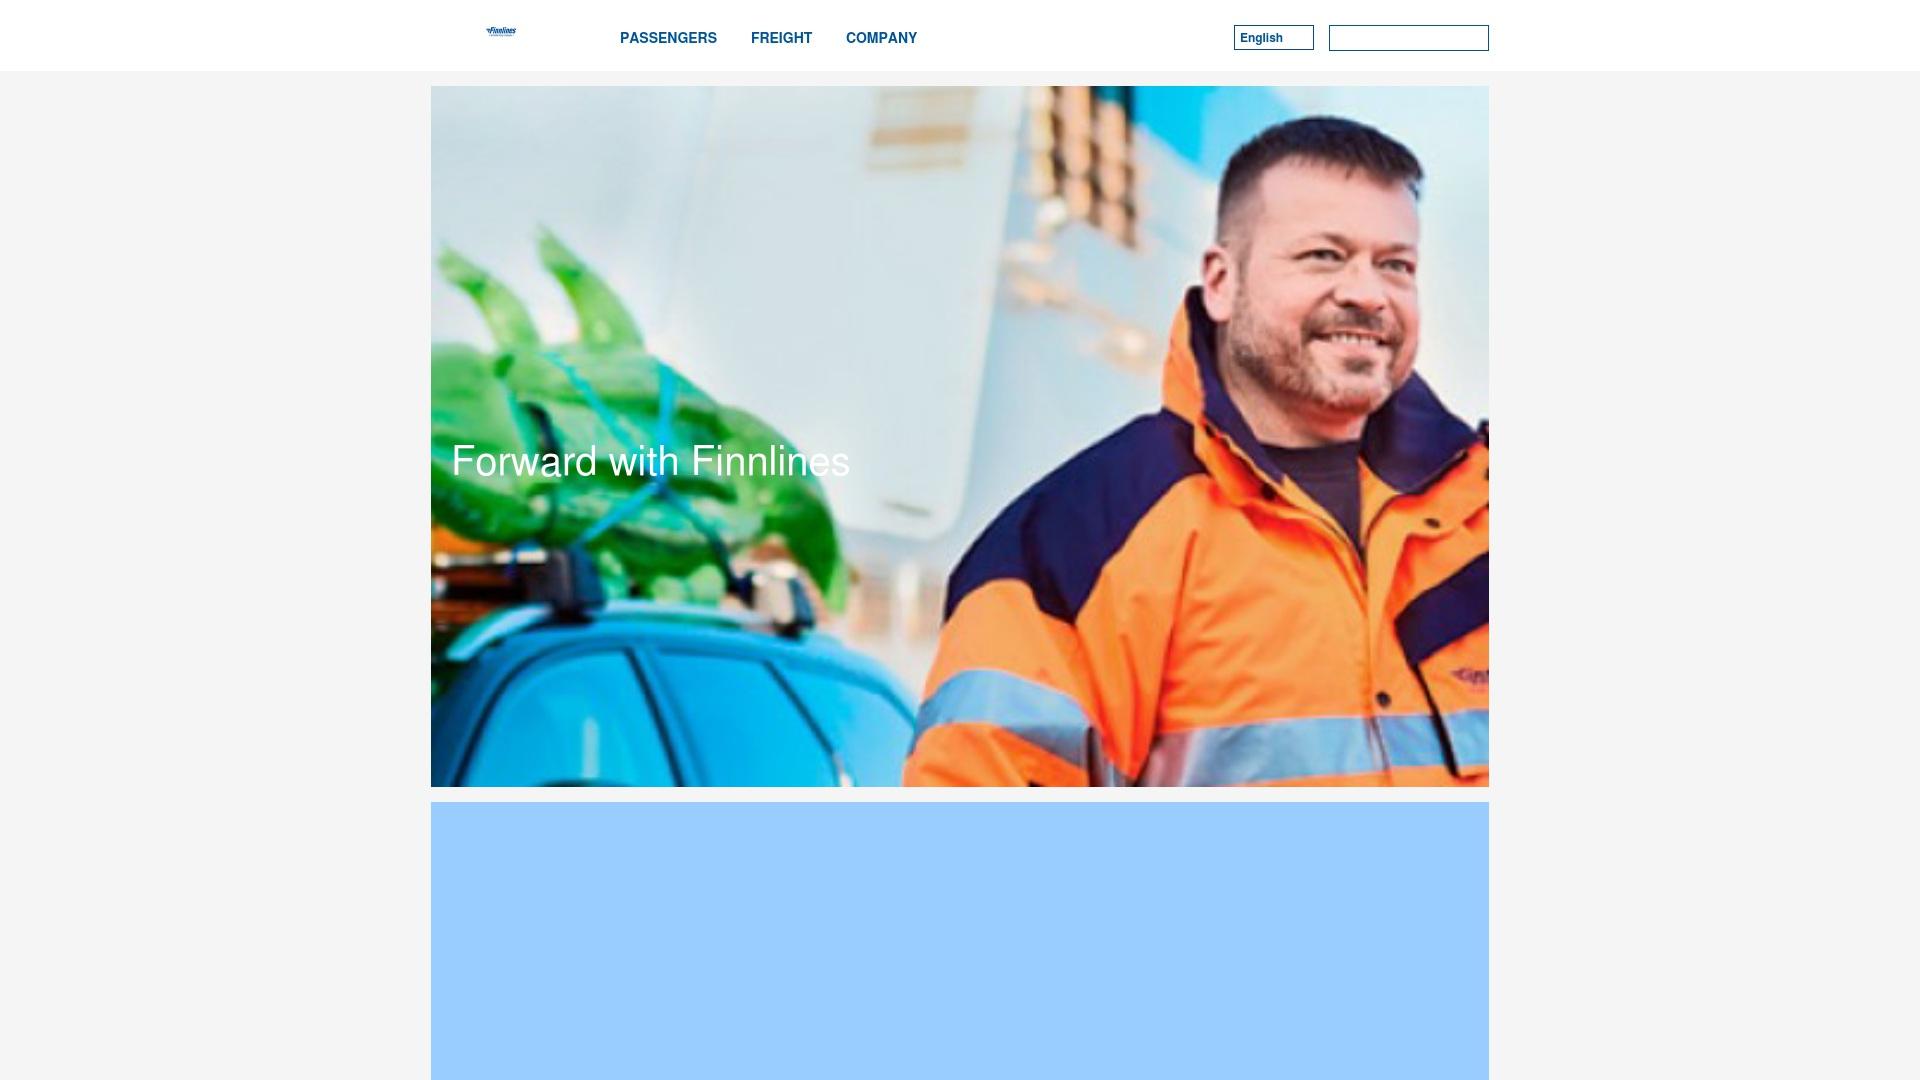 Geld zurück bei Finnlines: Jetzt im Mai 2021 Cashback für Finnlines sichern